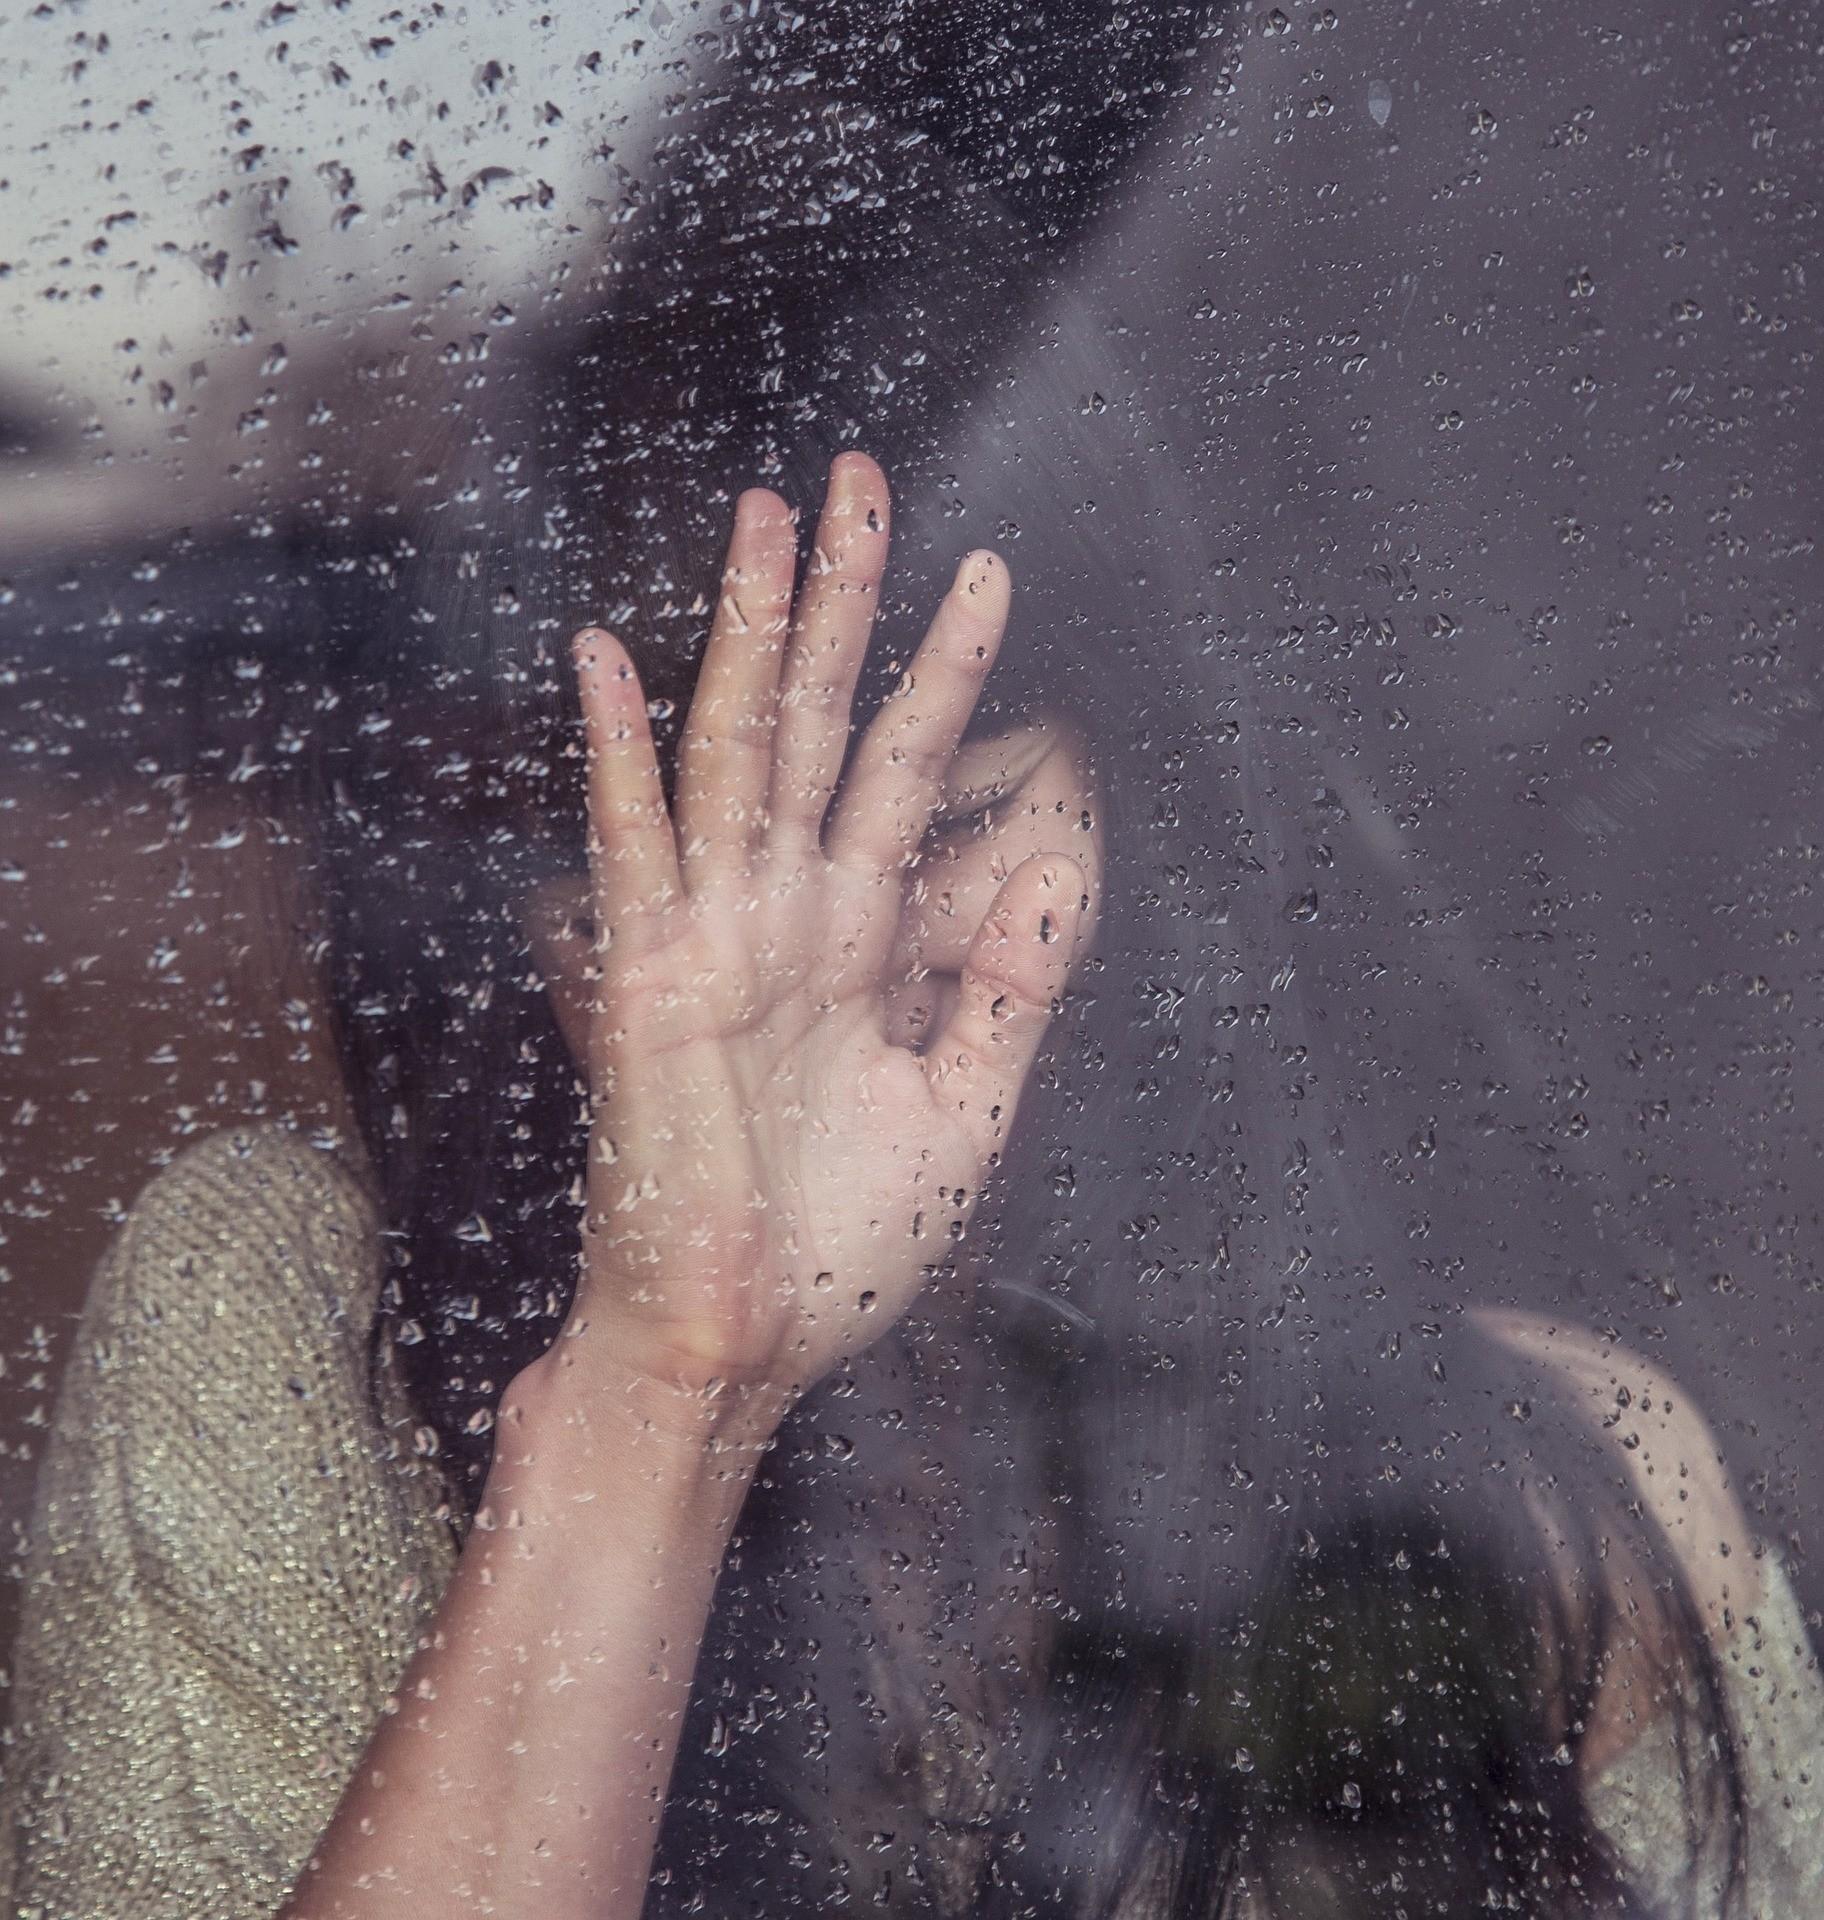 ▲悲傷。(圖/取自免費圖庫Pixabay)